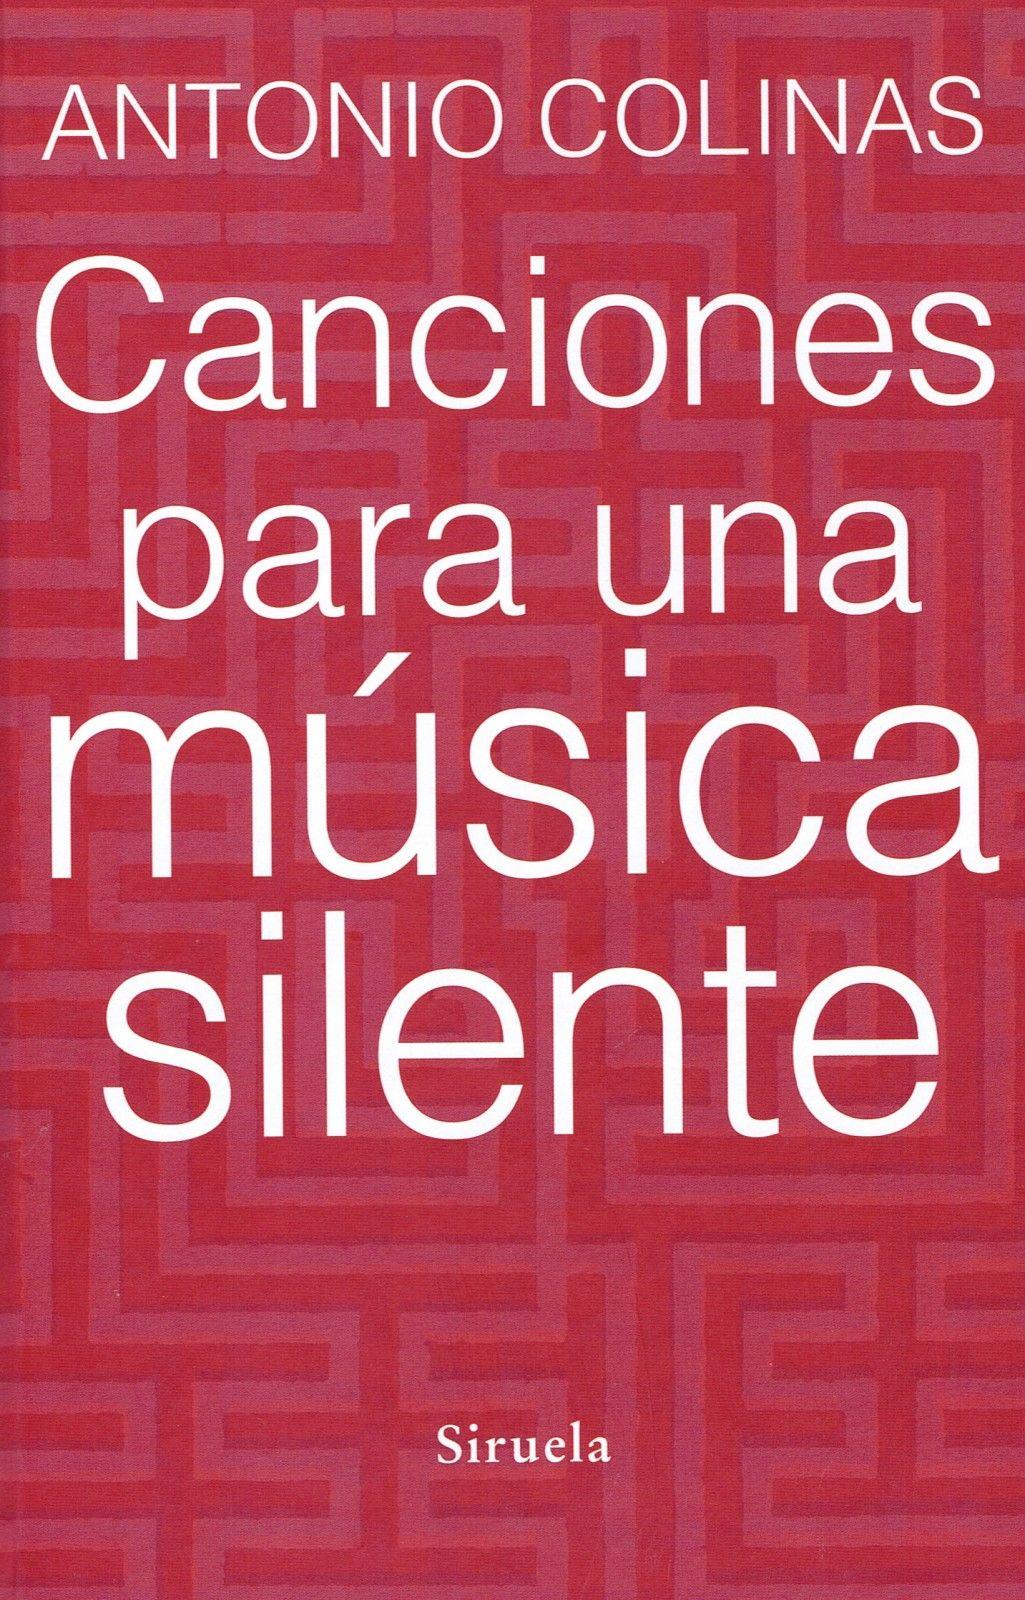 Canciones-para-una-m--sica-silente-Antonio-Colinas26022015_7